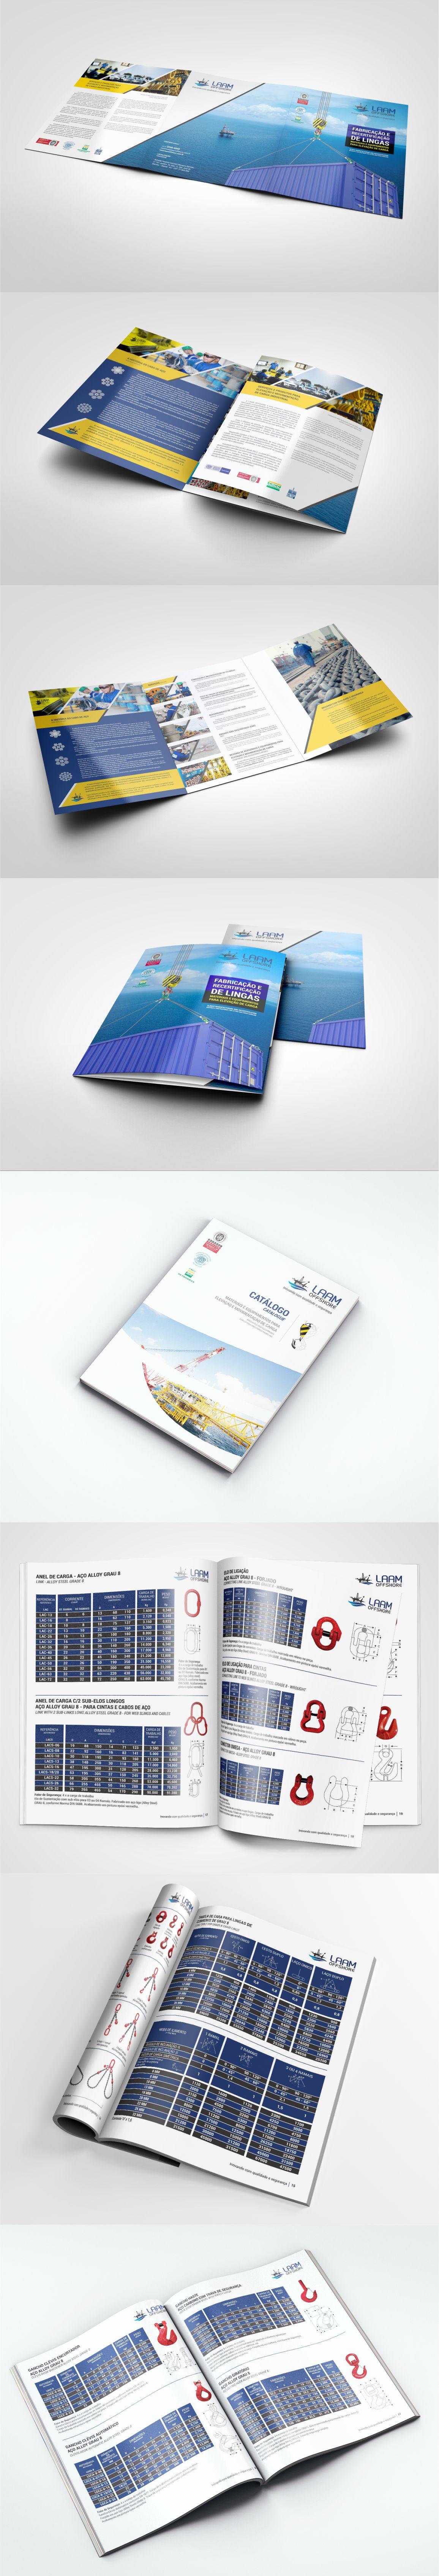 Desenvolvimento de Apresentação Comercial Impressa e Catálogo de Produtos e Serviços para a LAAM OFFSHORE, de Macaé/RJ.